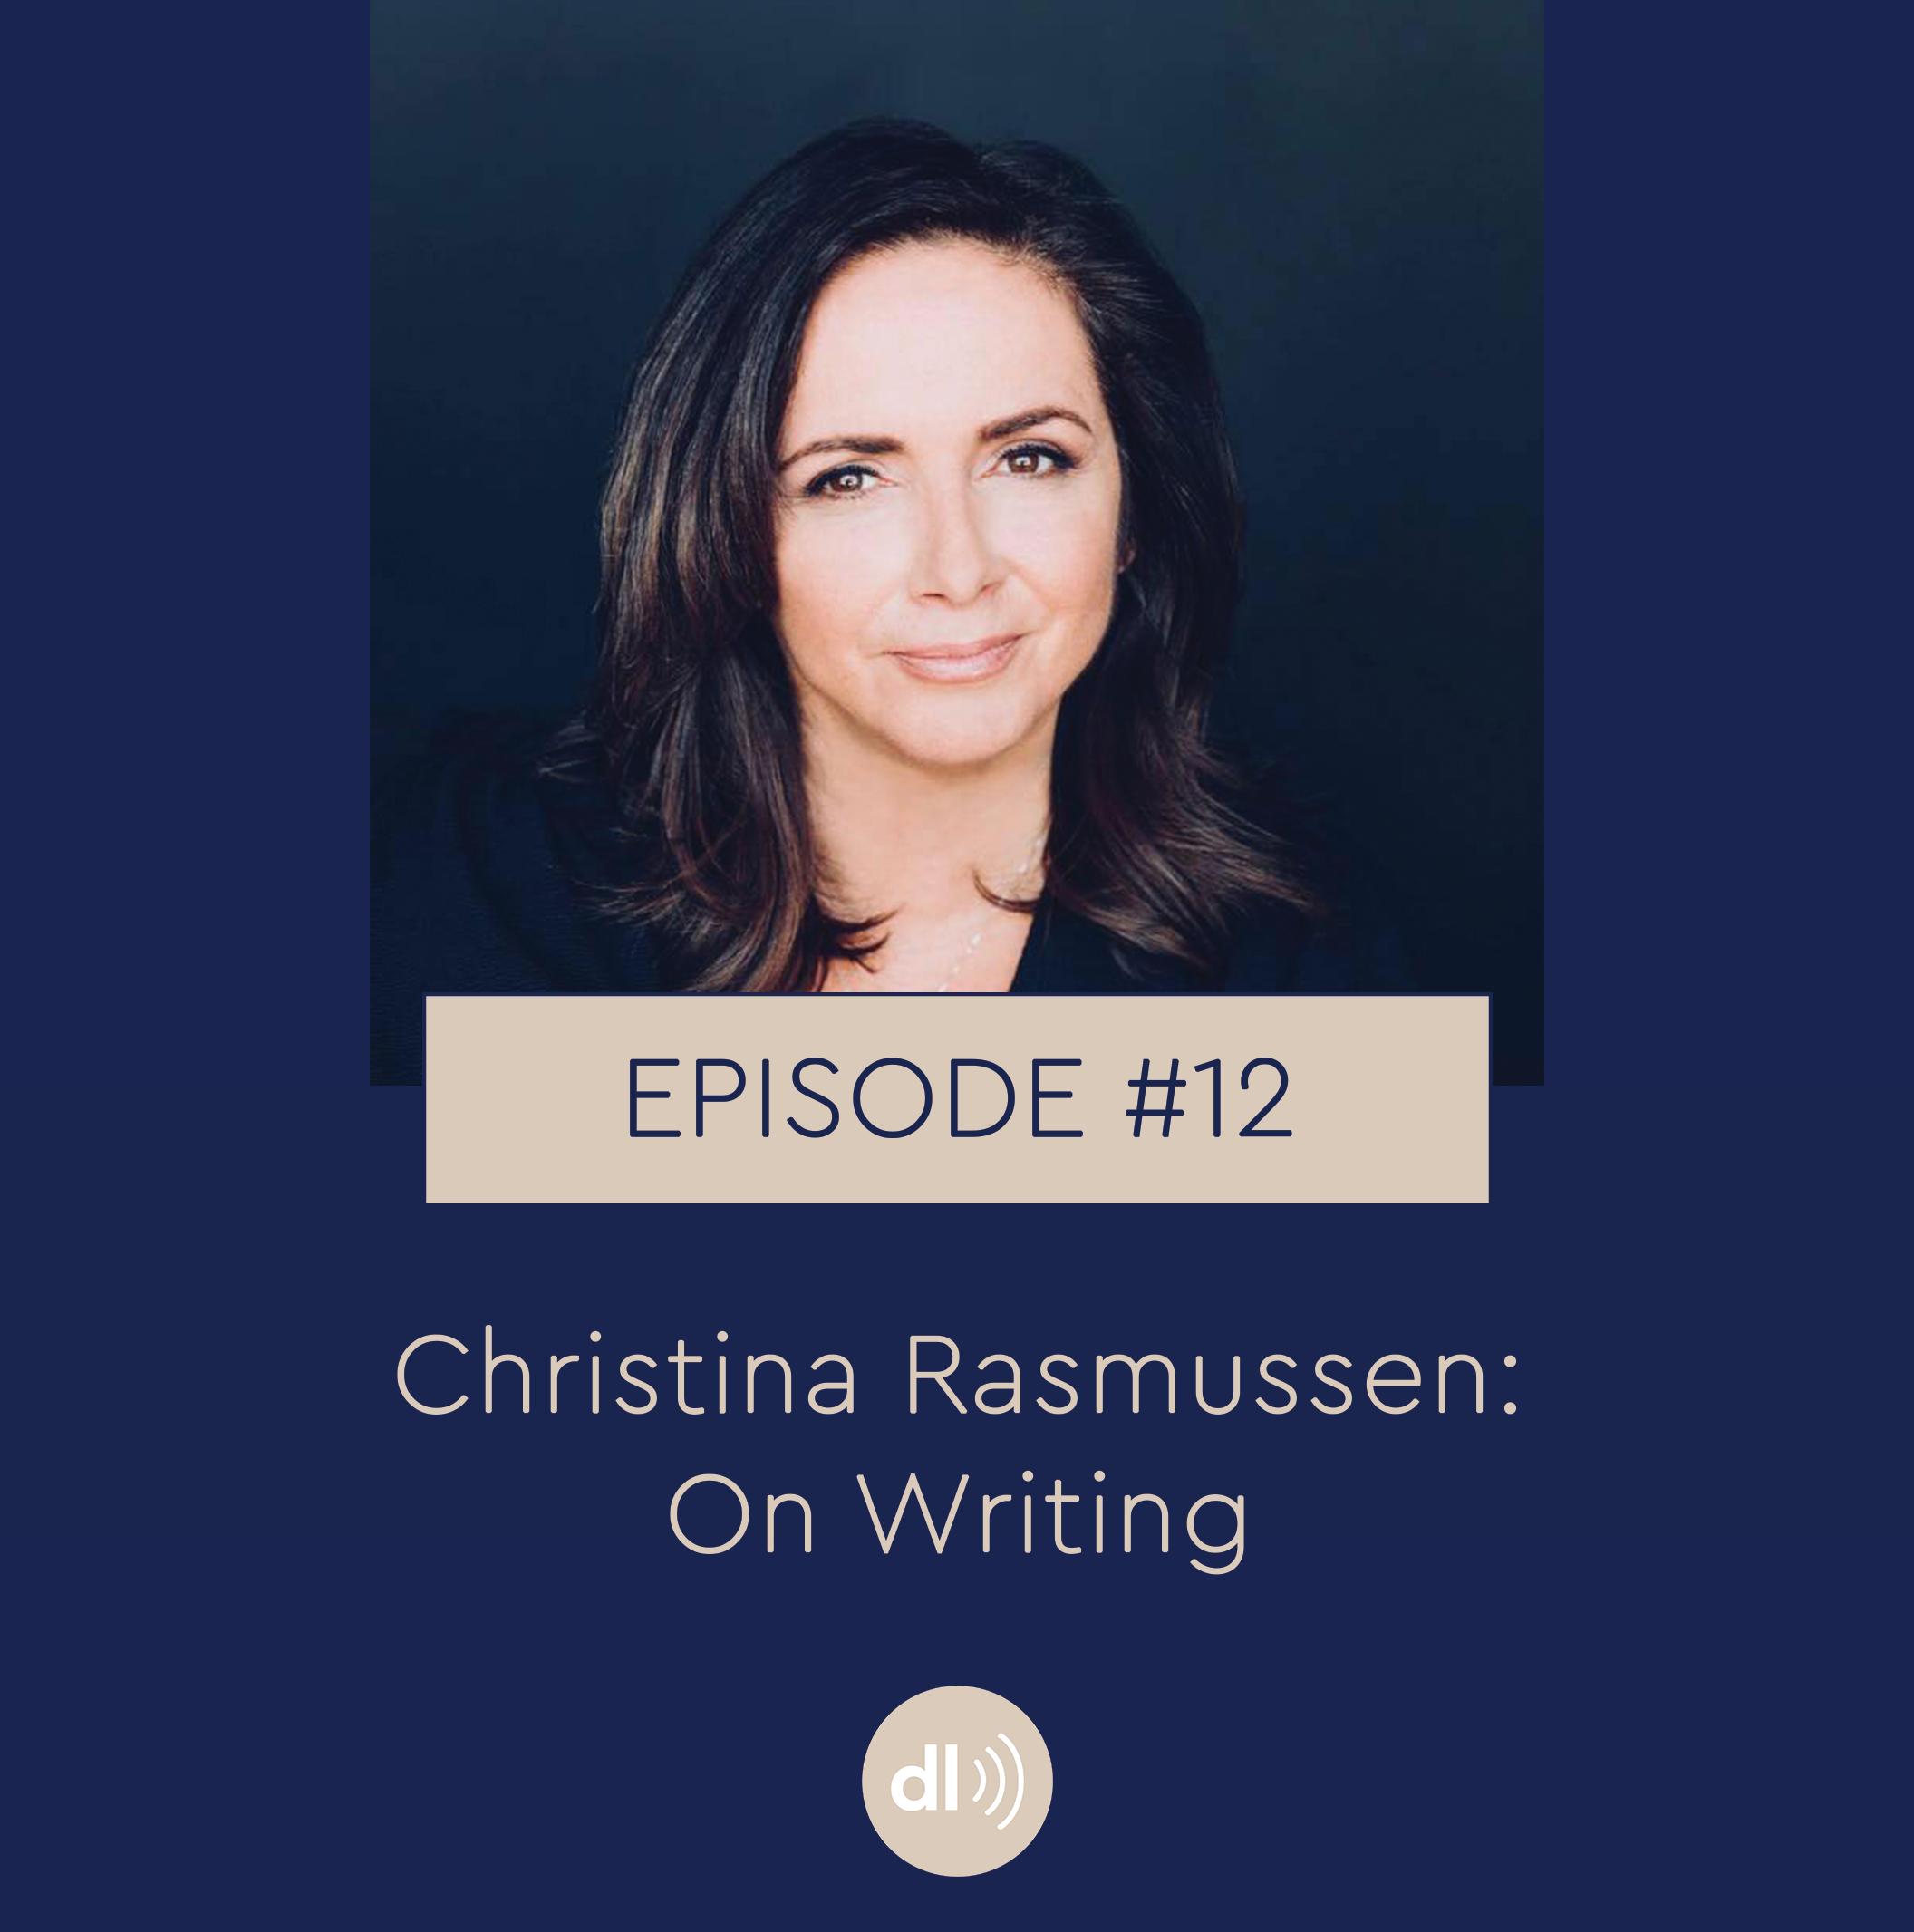 Ep12.ChristinaRasmussen.png